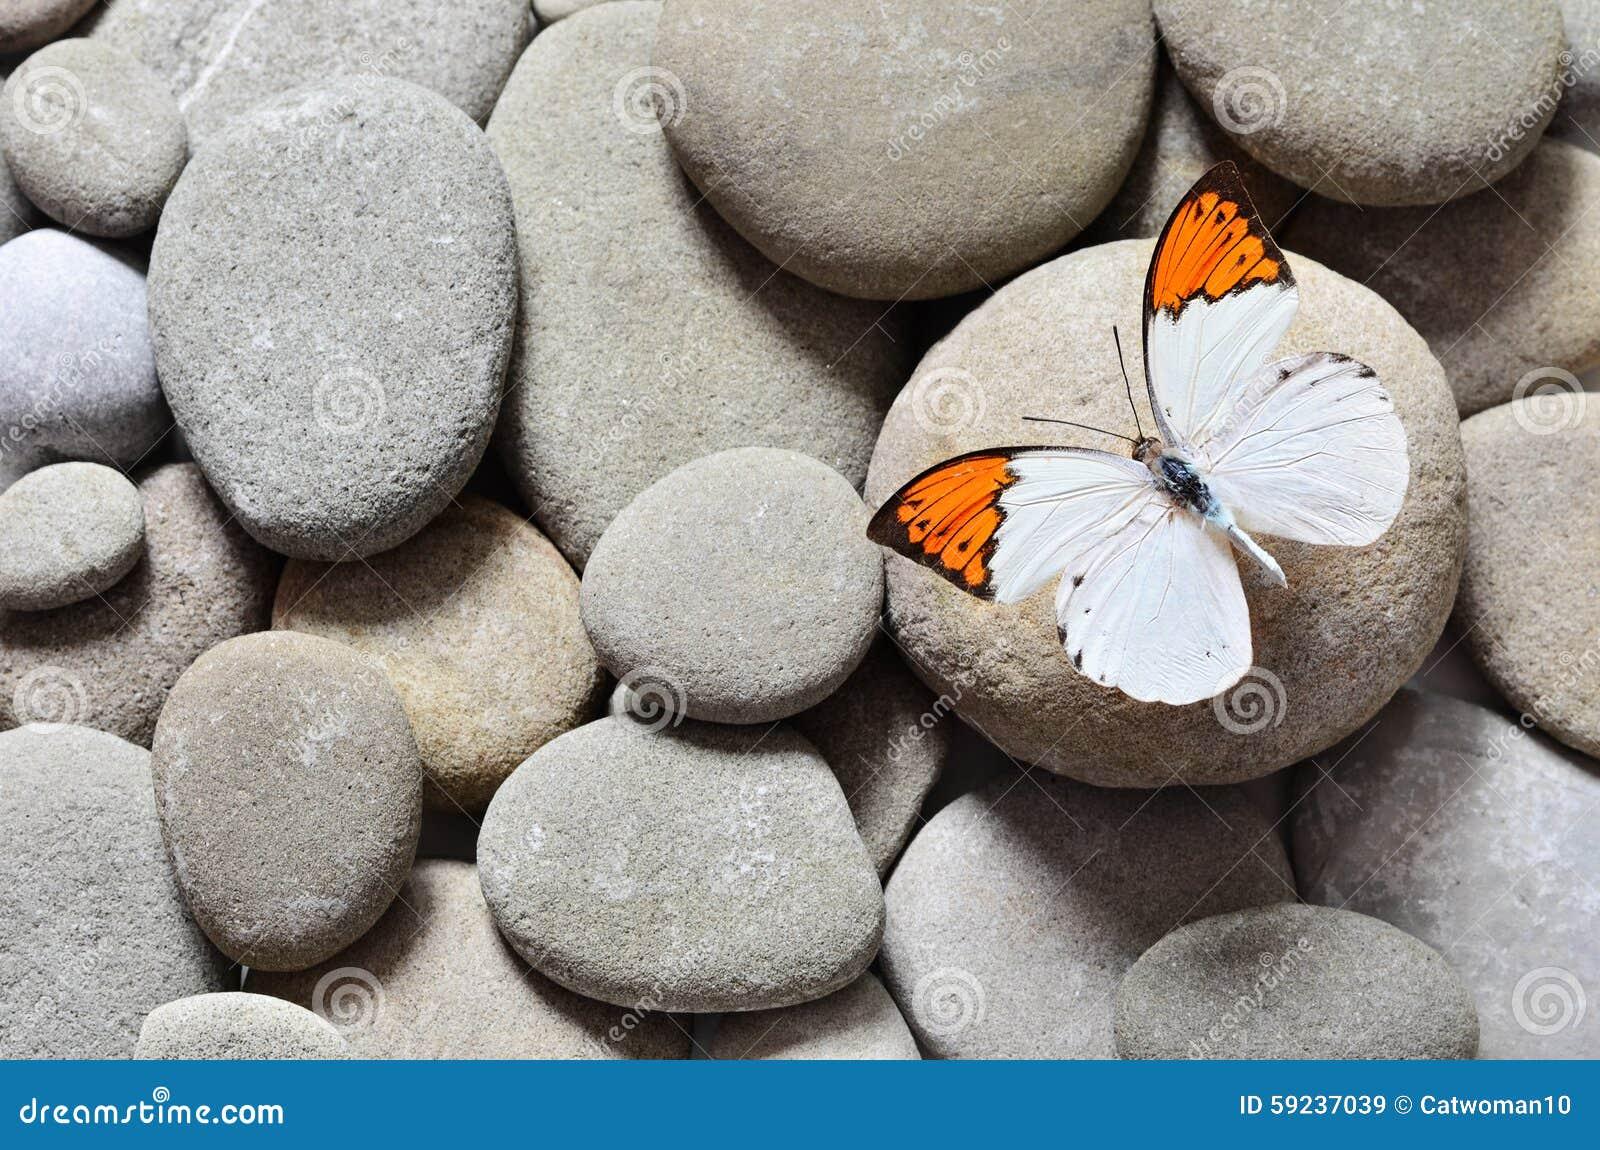 Download La Gran Mariposa En Piedras Imagen de archivo - Imagen de roca, ambiente: 59237039